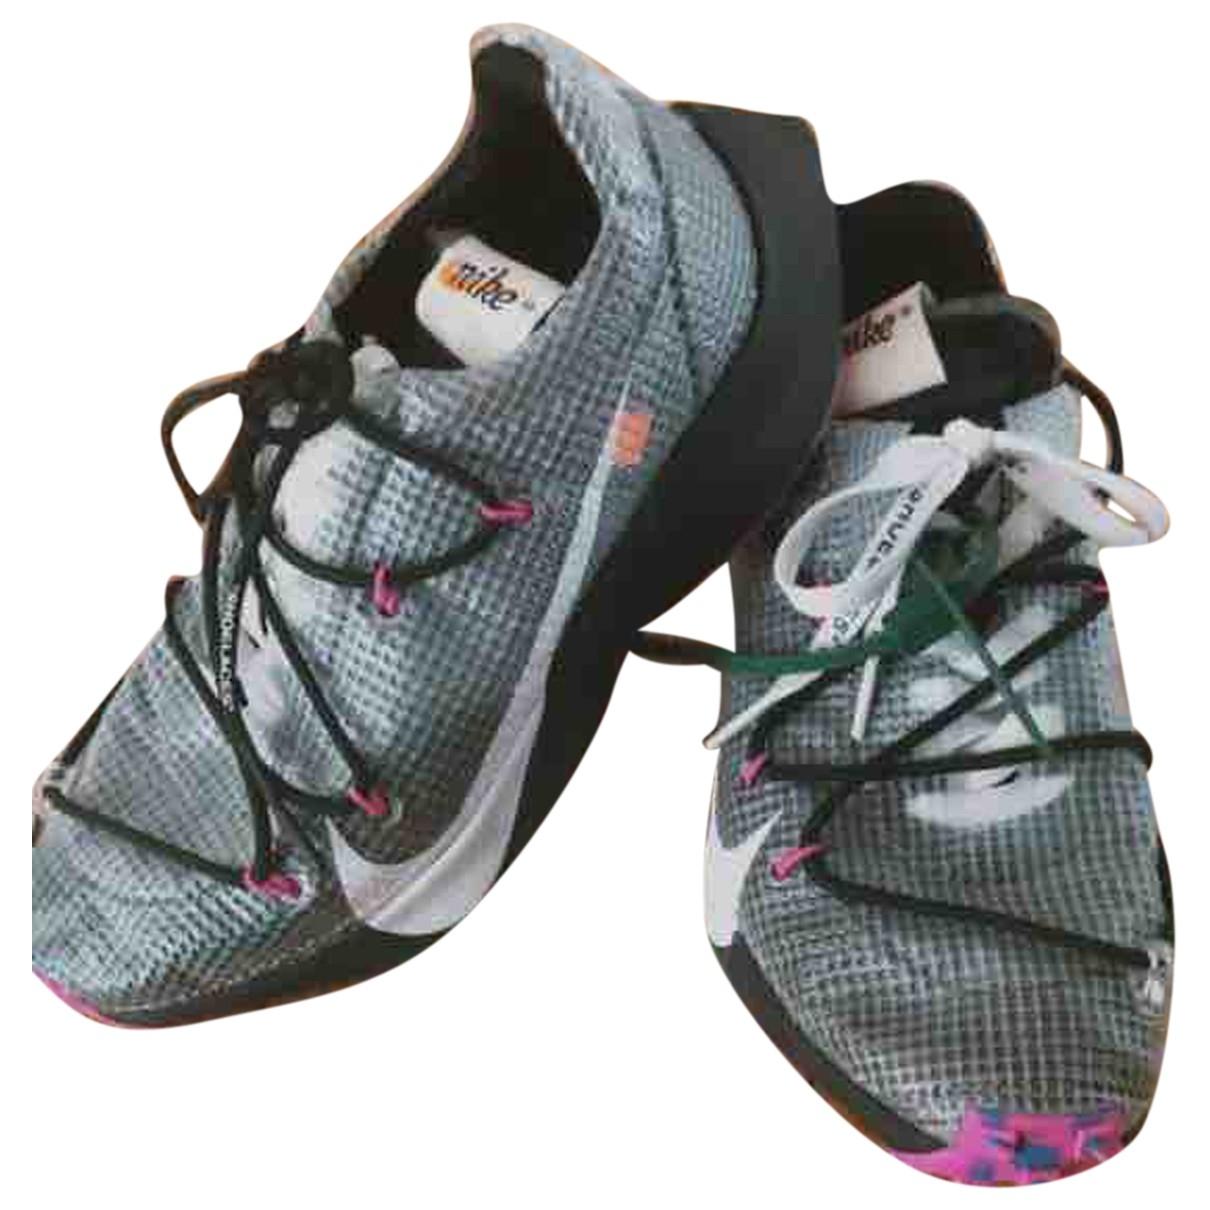 Nike X Off-white - Baskets Vapor Street pour femme en cuir - noir